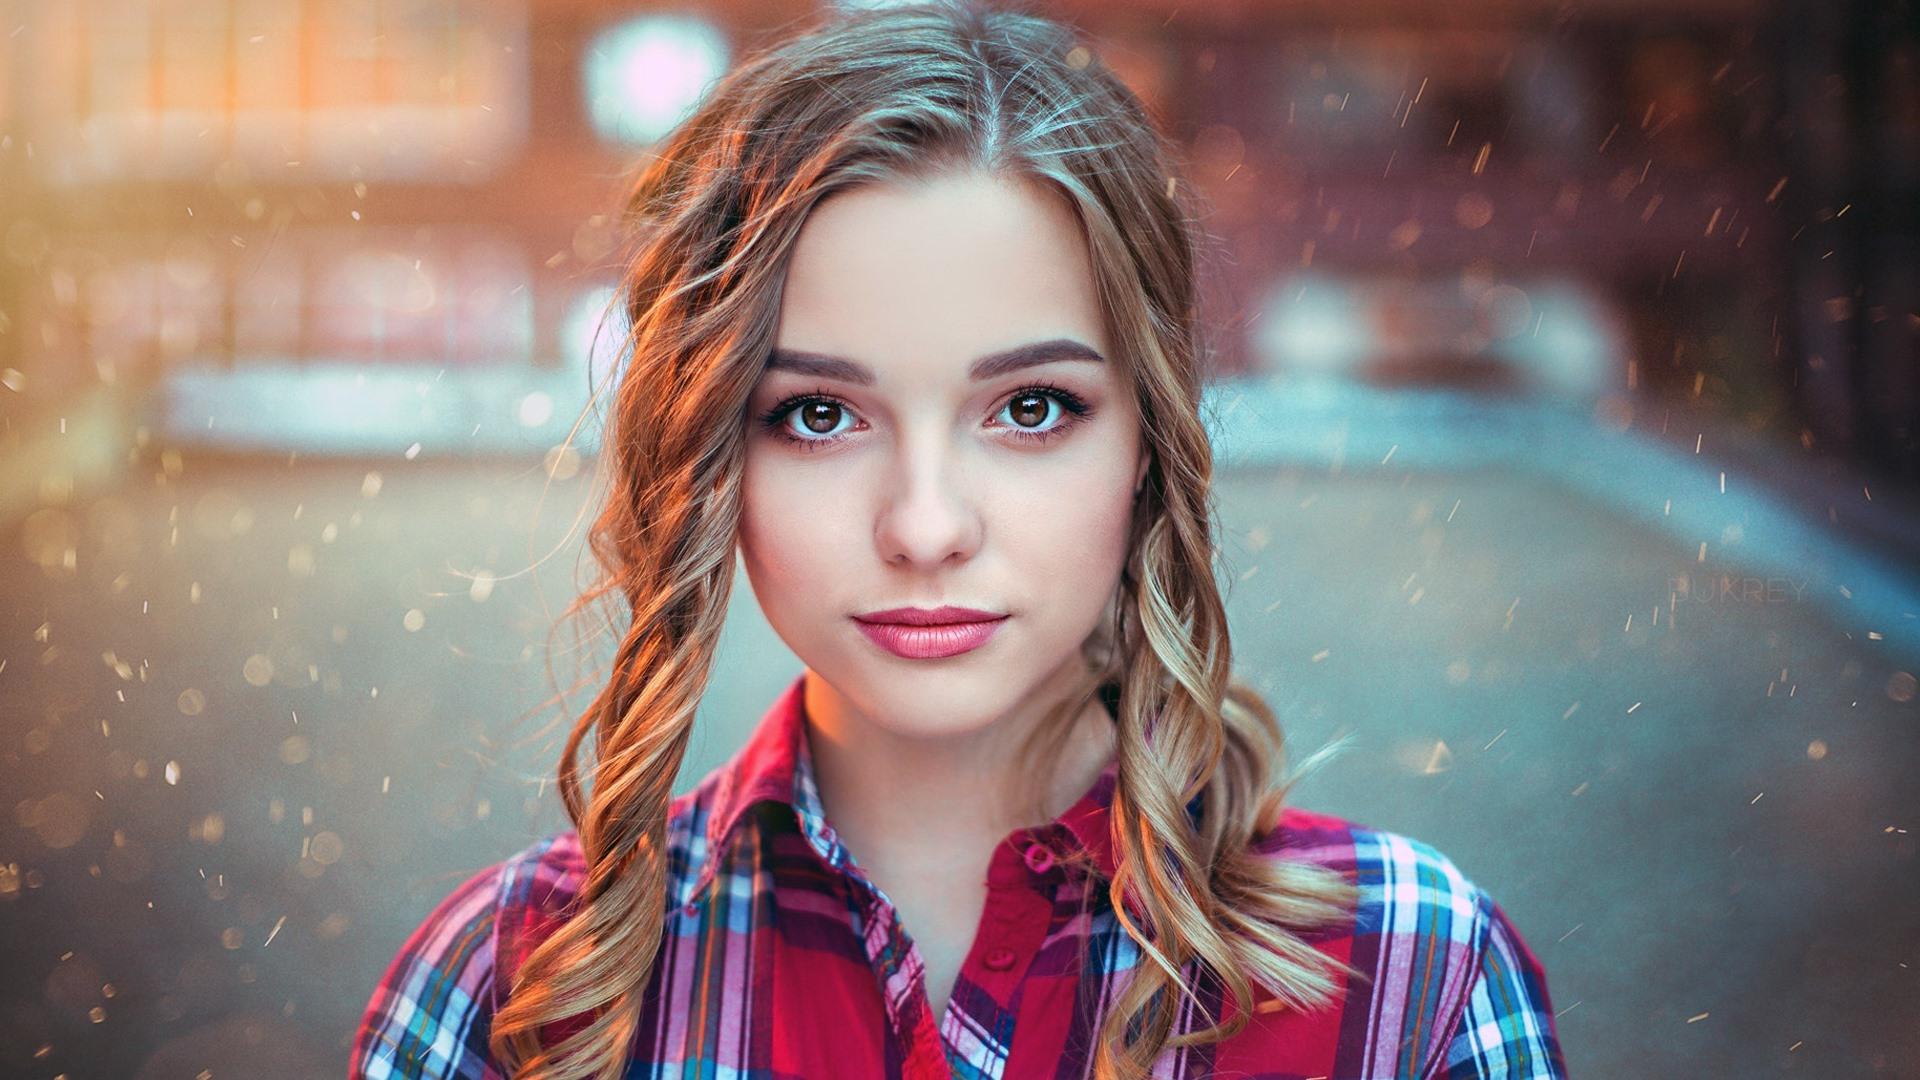 Cute And Beautiful Girl HD Wallpaper For Desktop